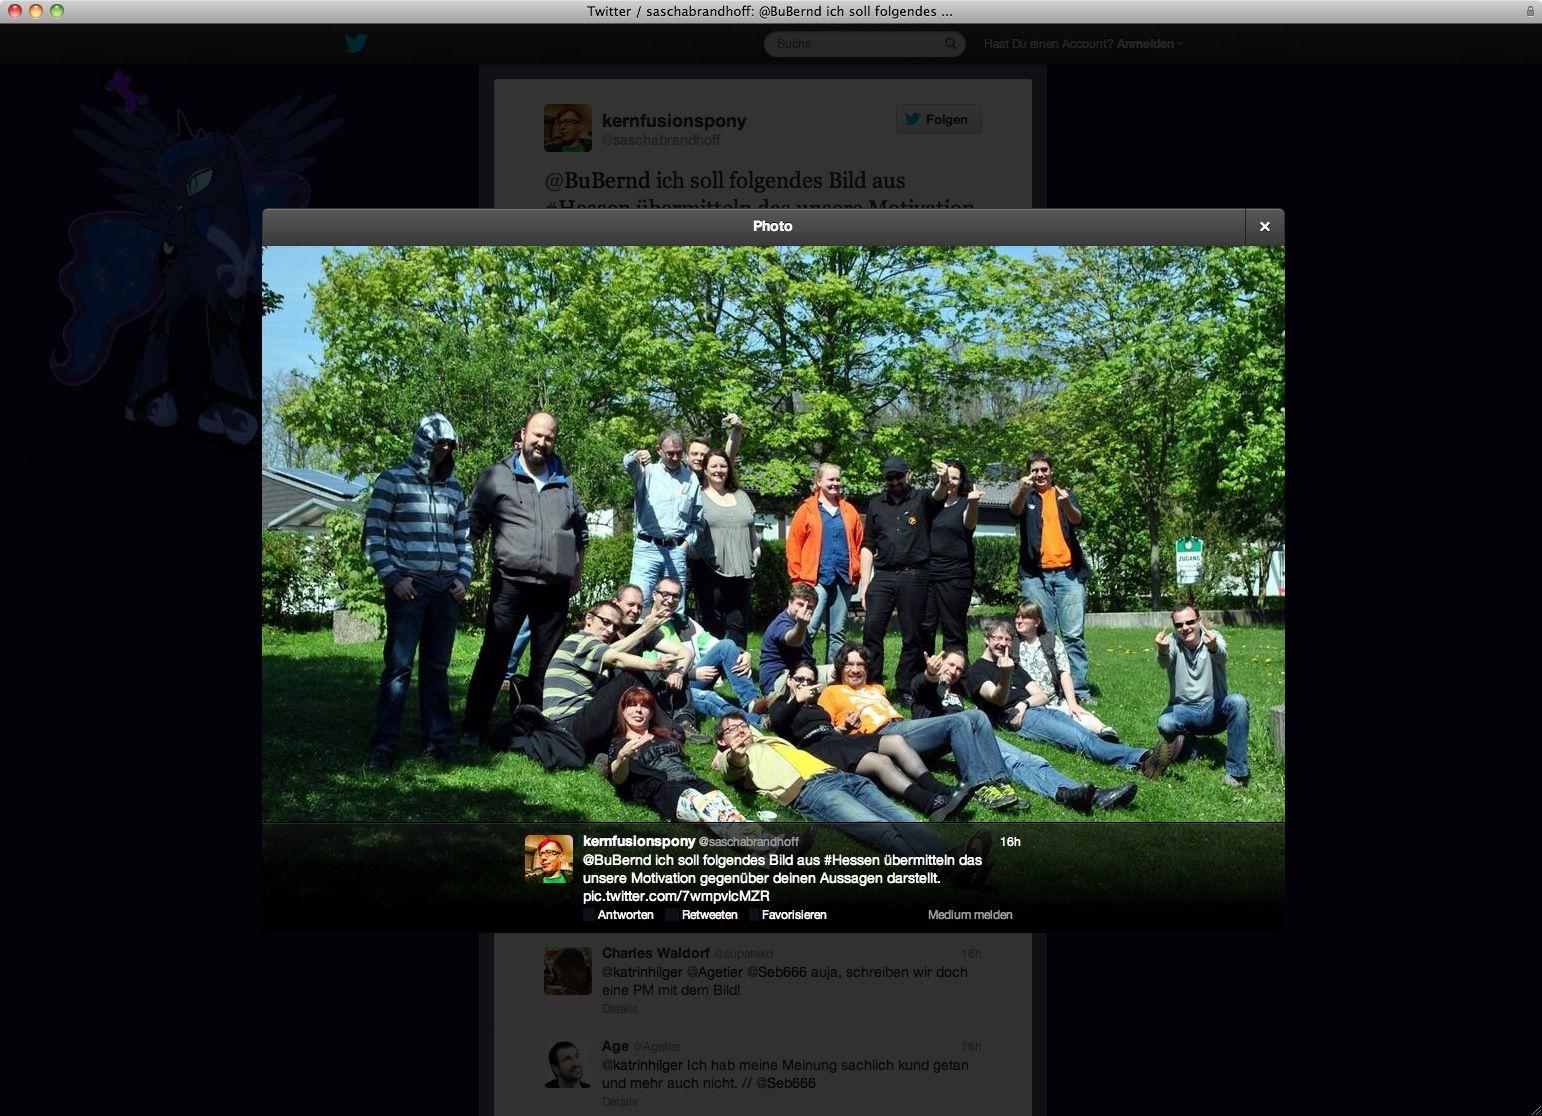 NUR ALS ZITAT Piraten-Partei / Screenshot Twitter